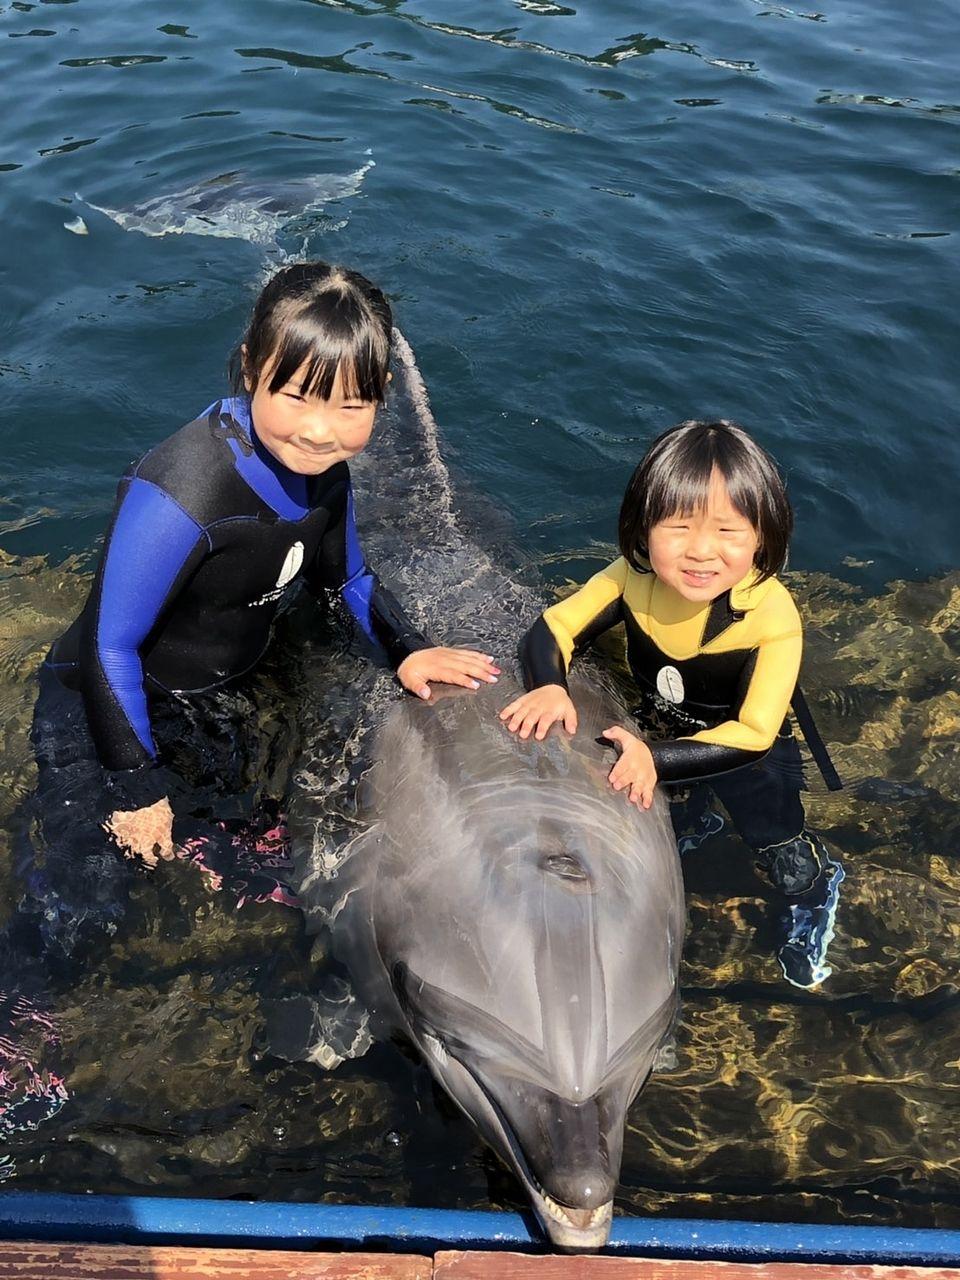 私の姪っ子達です♪水泳が大好きでイルカと一緒に泳いでました(*´▽`*)私もいつか、、、イルカに乗りたいと思います!!